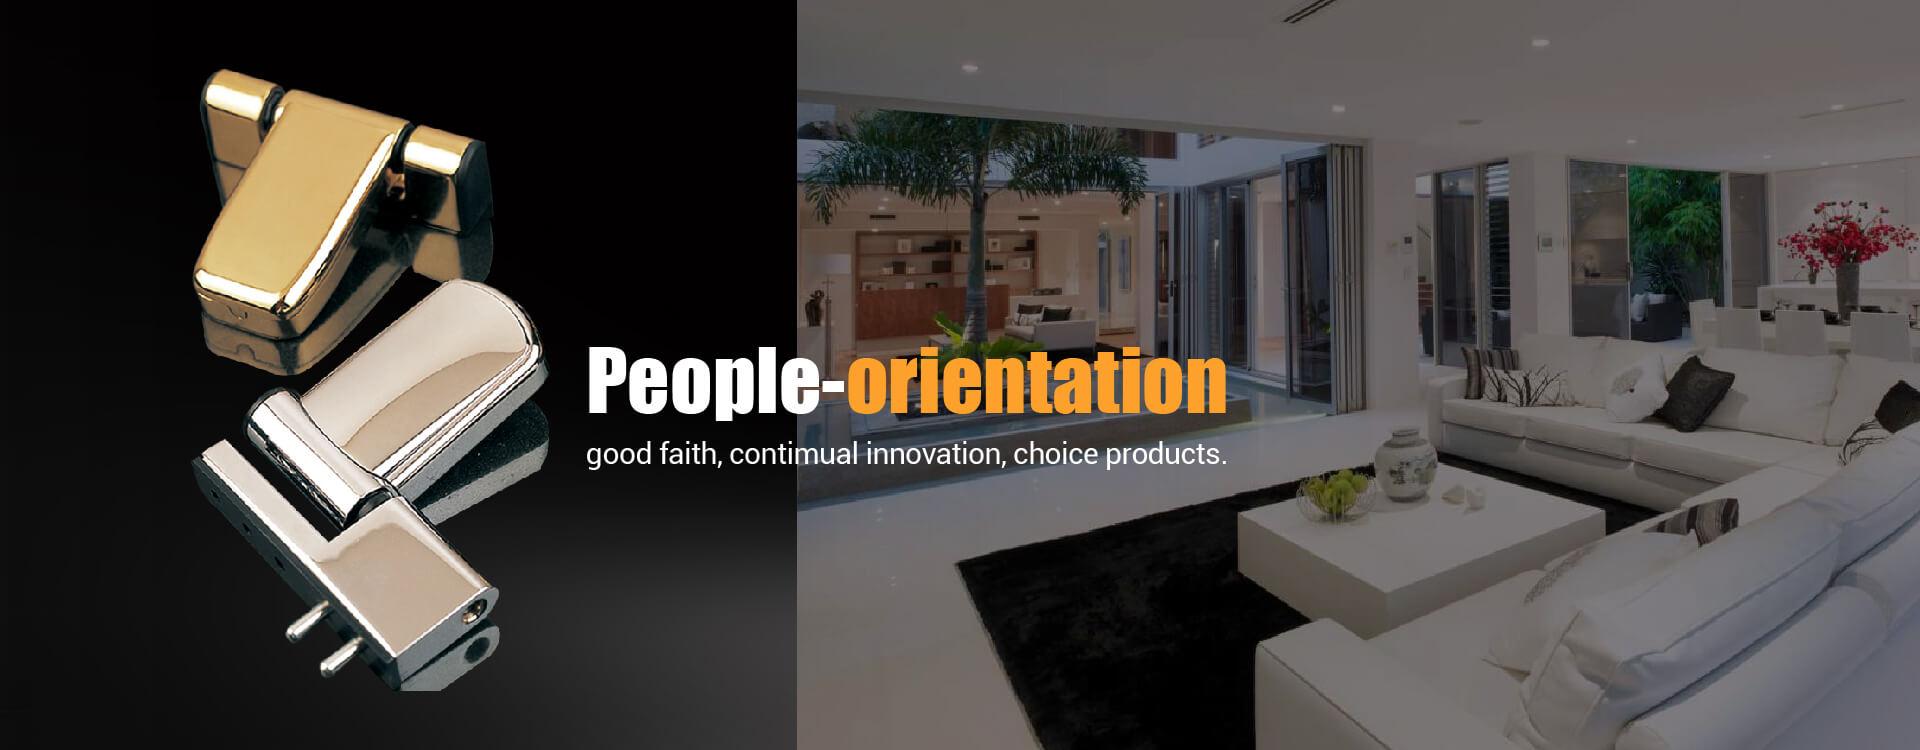 الناس التوجه ، بحسن نية ، الابتكار المعاصر ، اختيار المنتجات